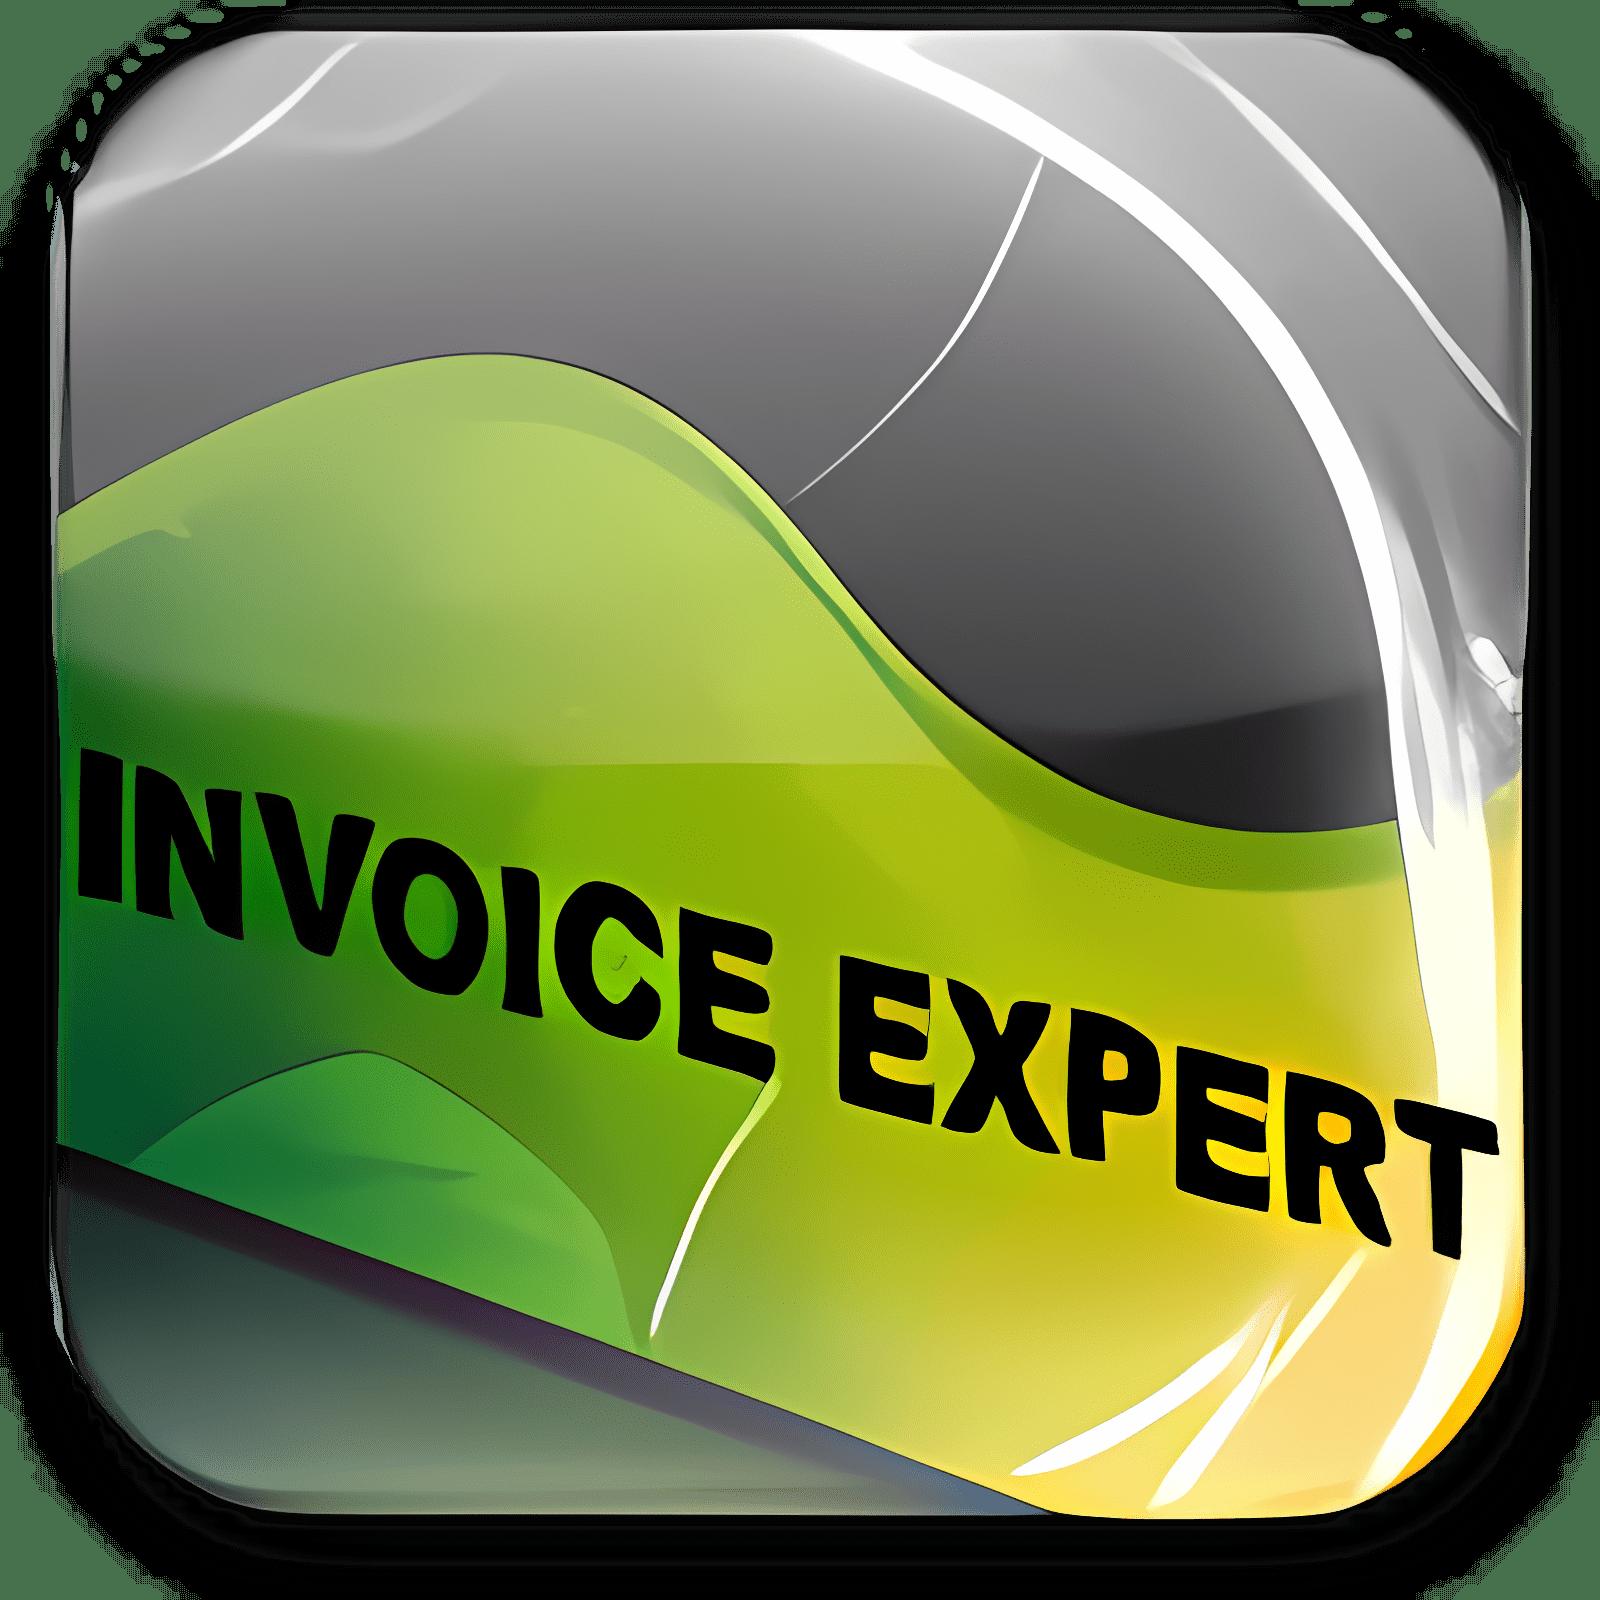 Invoice Expert